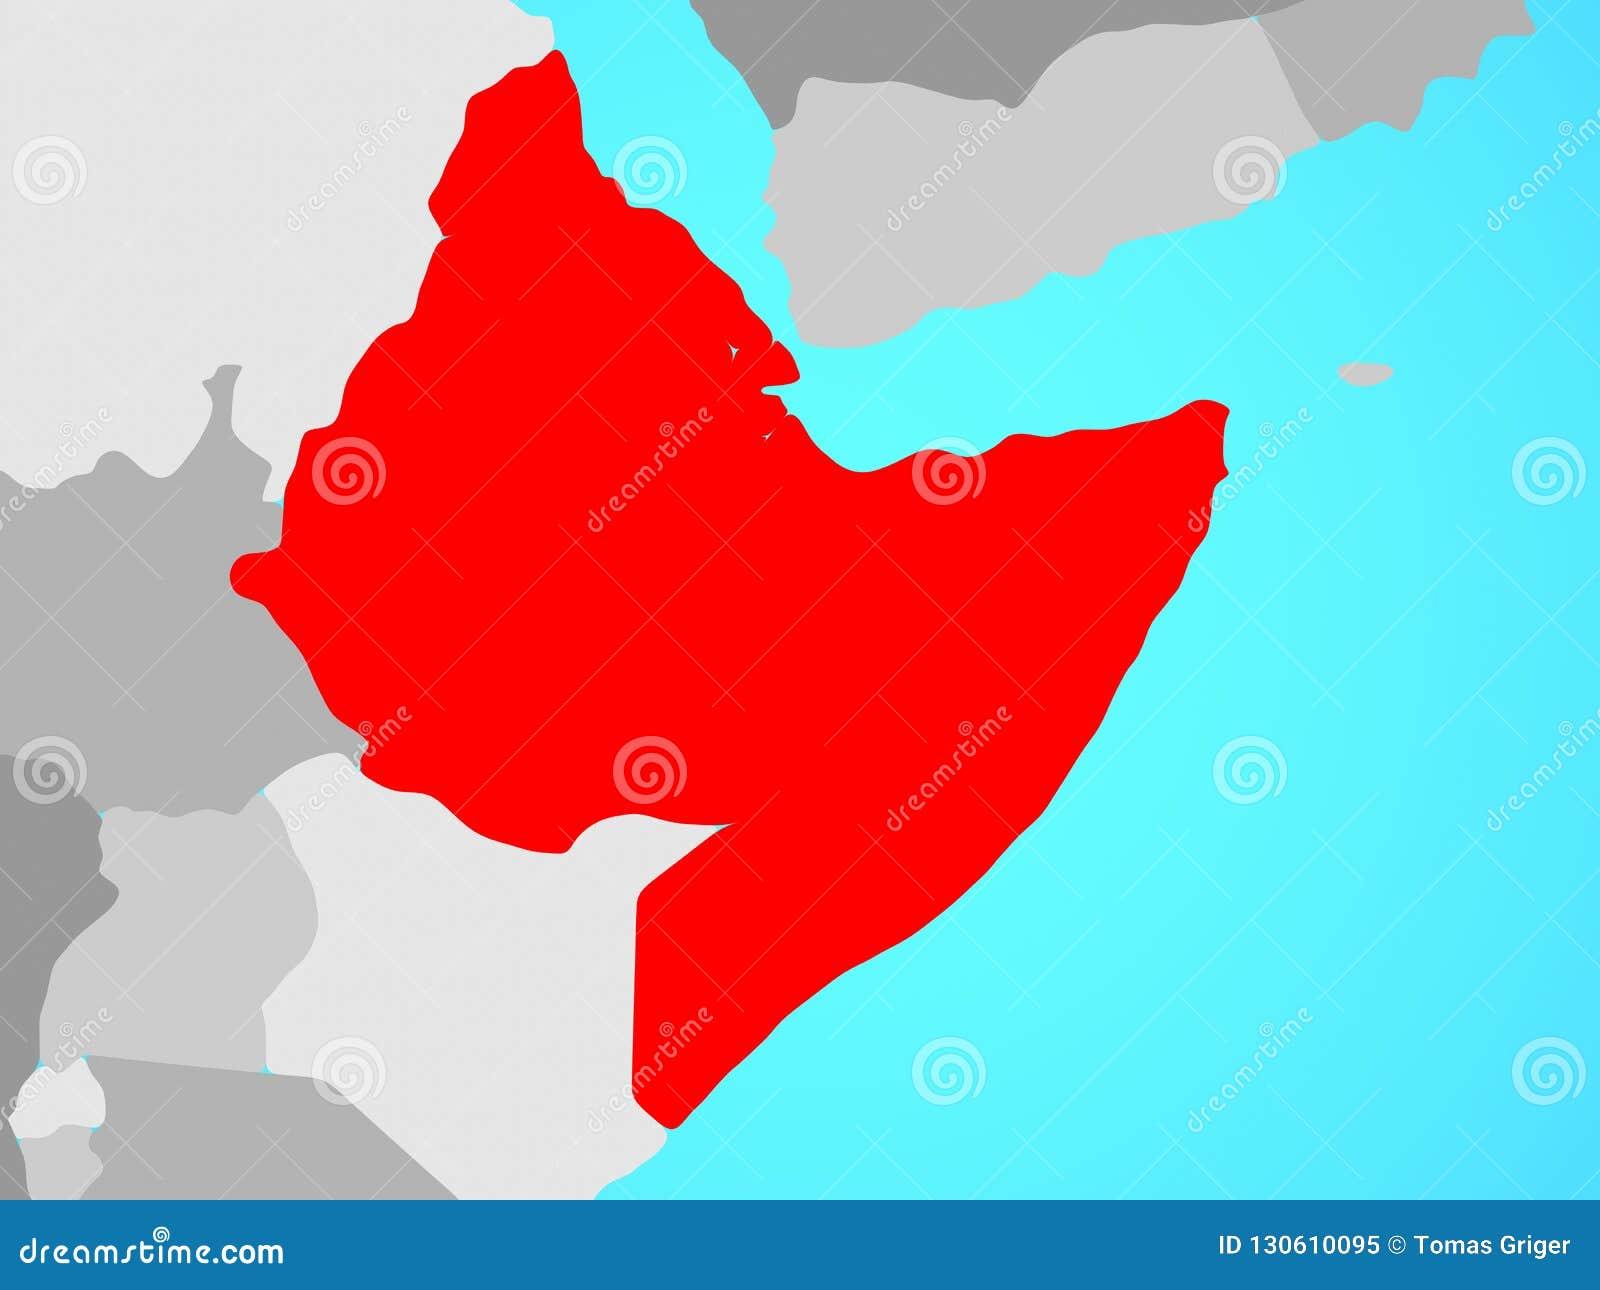 Cuerno De Africa Mapa.Cuerno De Africa En Mapa Stock De Ilustracion Ilustracion